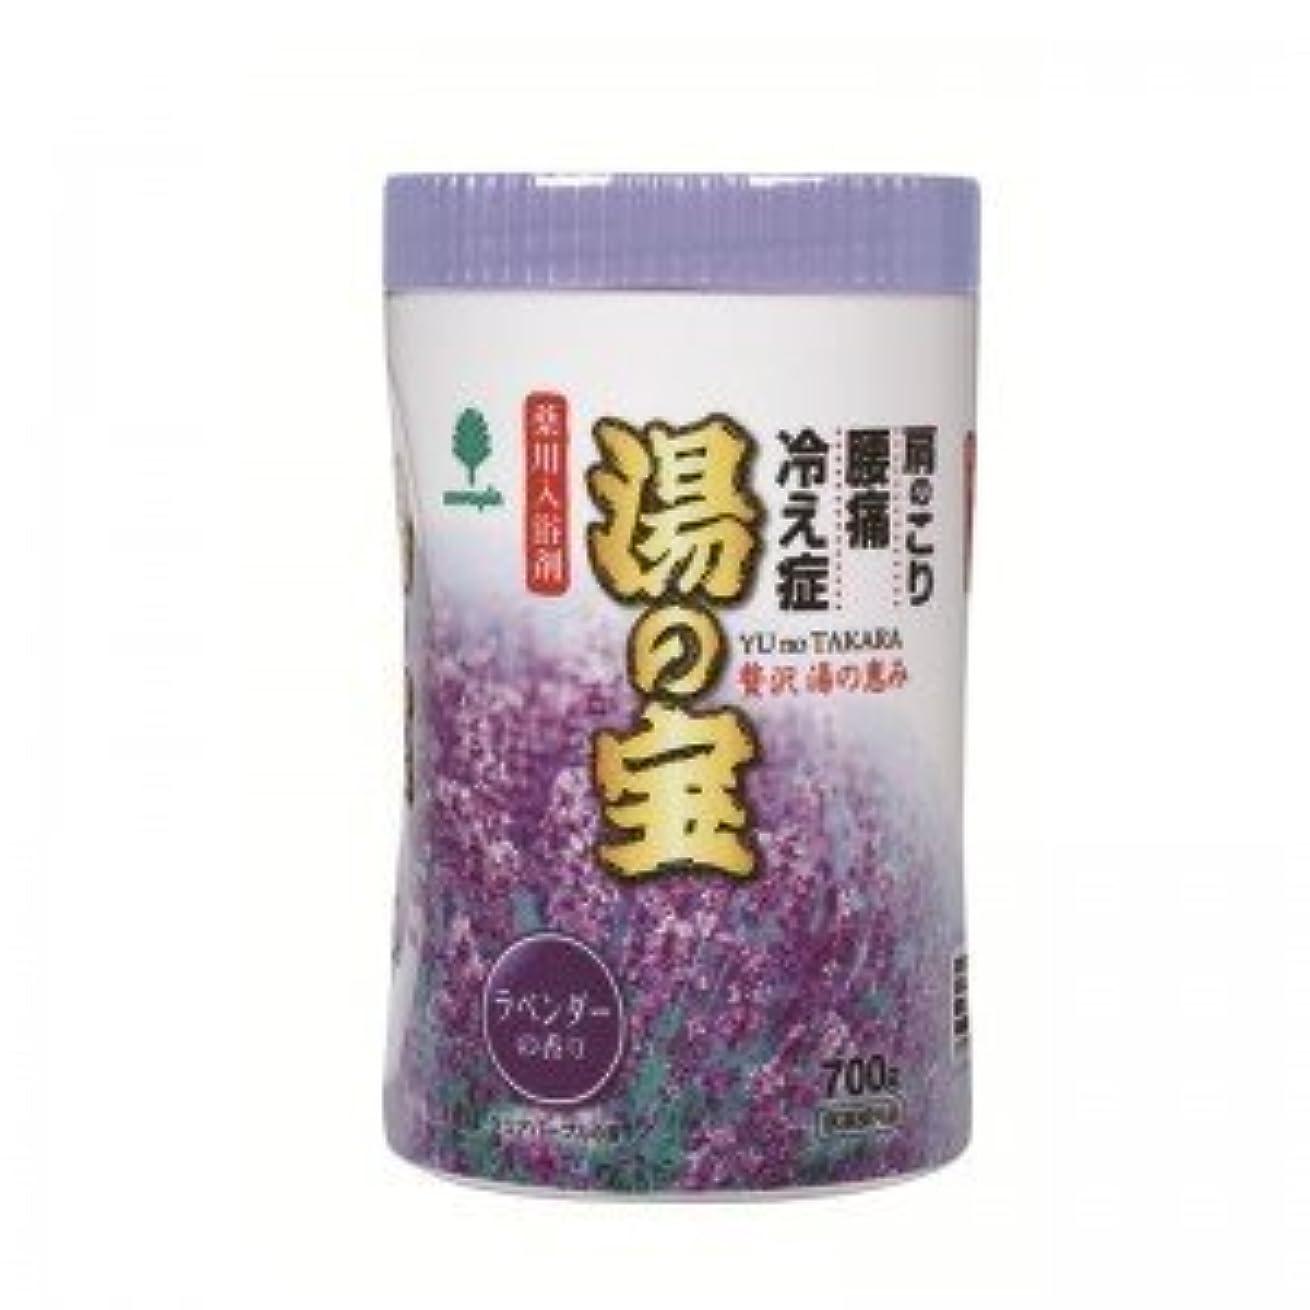 呼吸マーティフィールディングメロン紀陽除虫菊 湯の宝 ラベンダーの香り (丸ボトル) 700g【まとめ買い15個セット】 N-0068